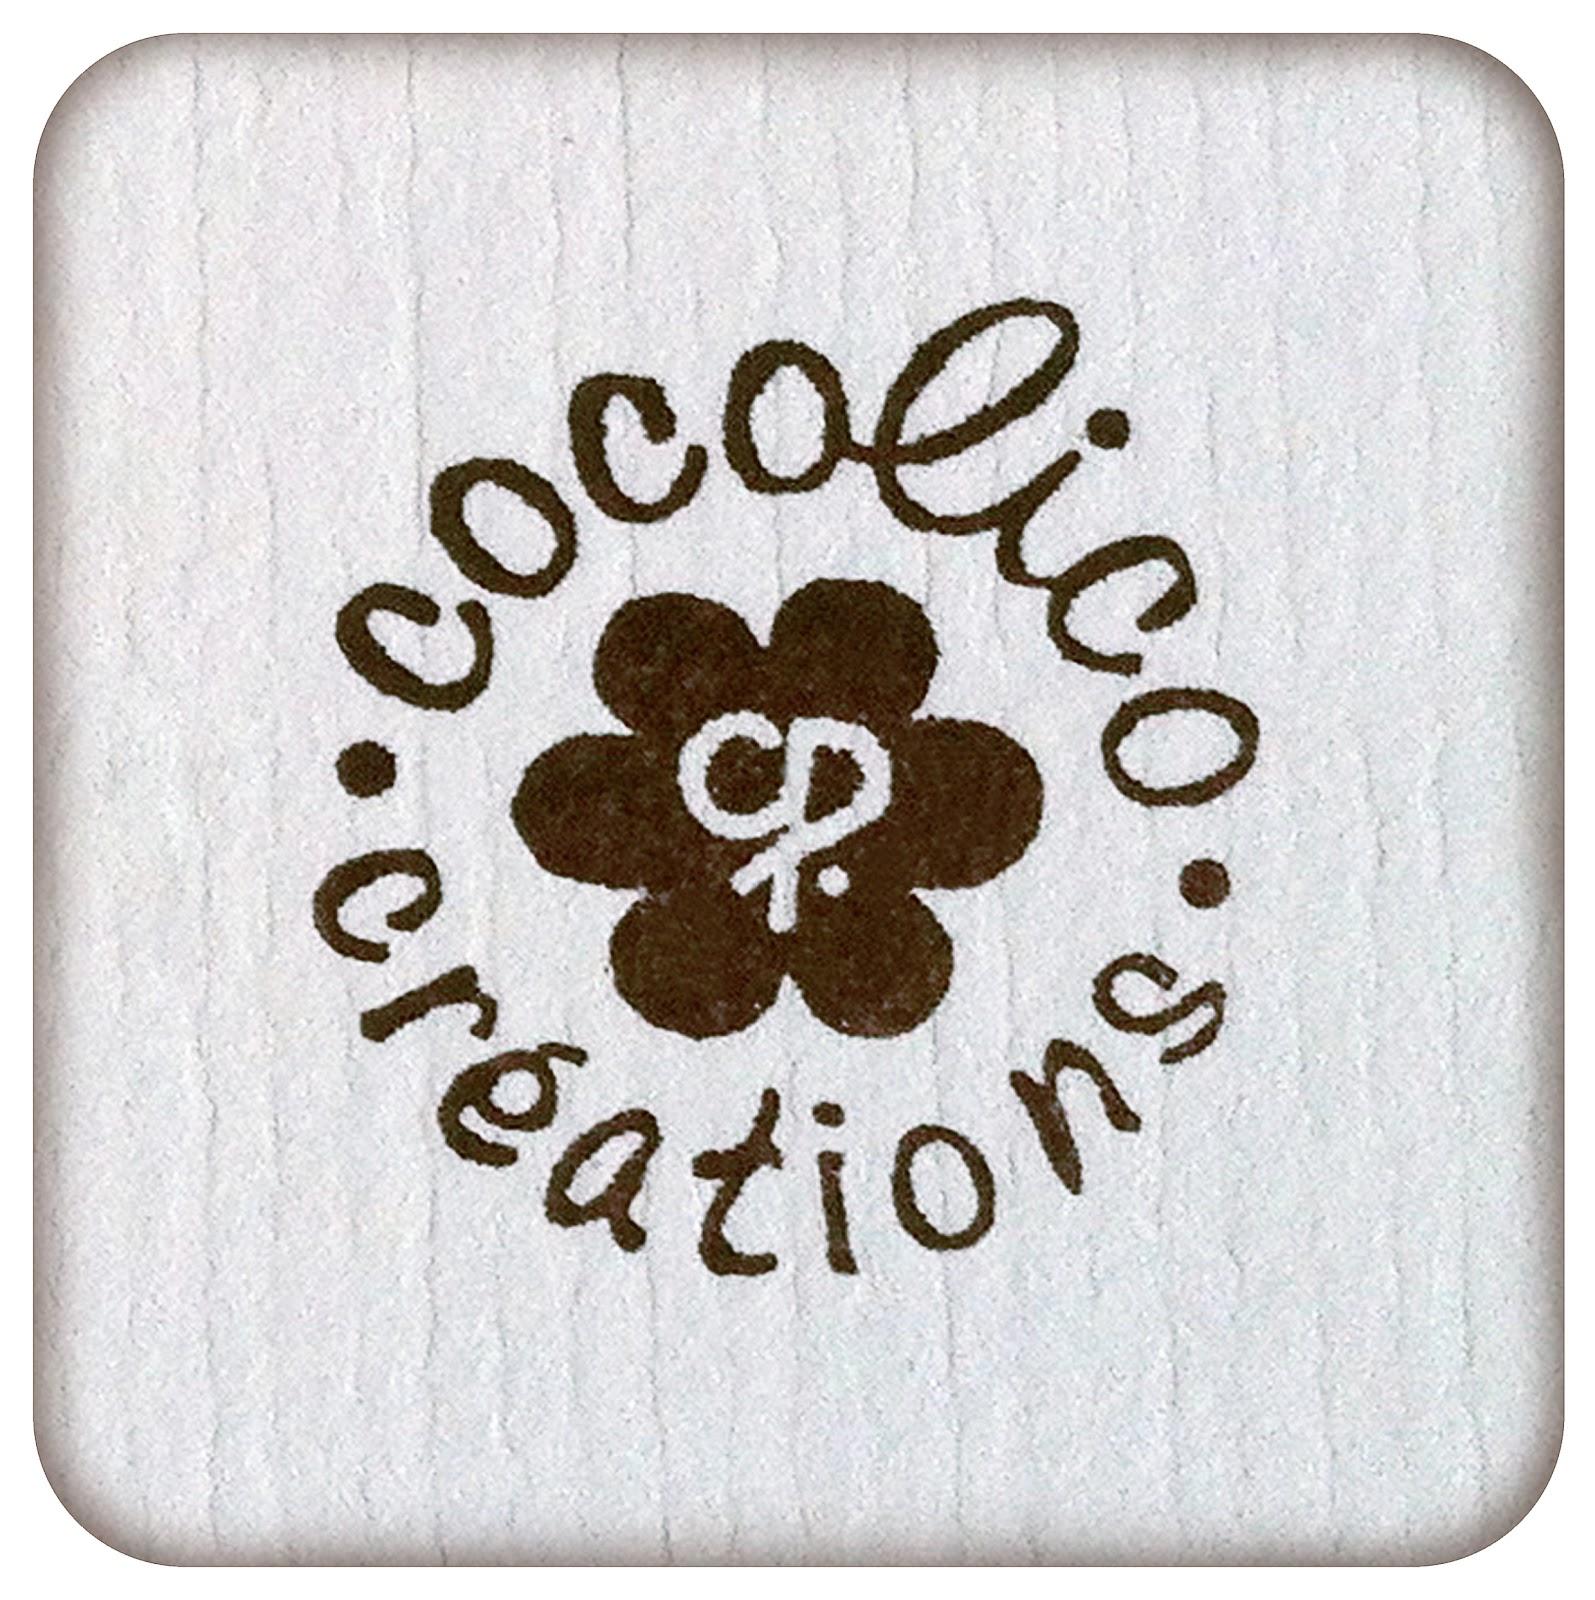 Assez cocolico-creations: Un tampon personnalisé TG97